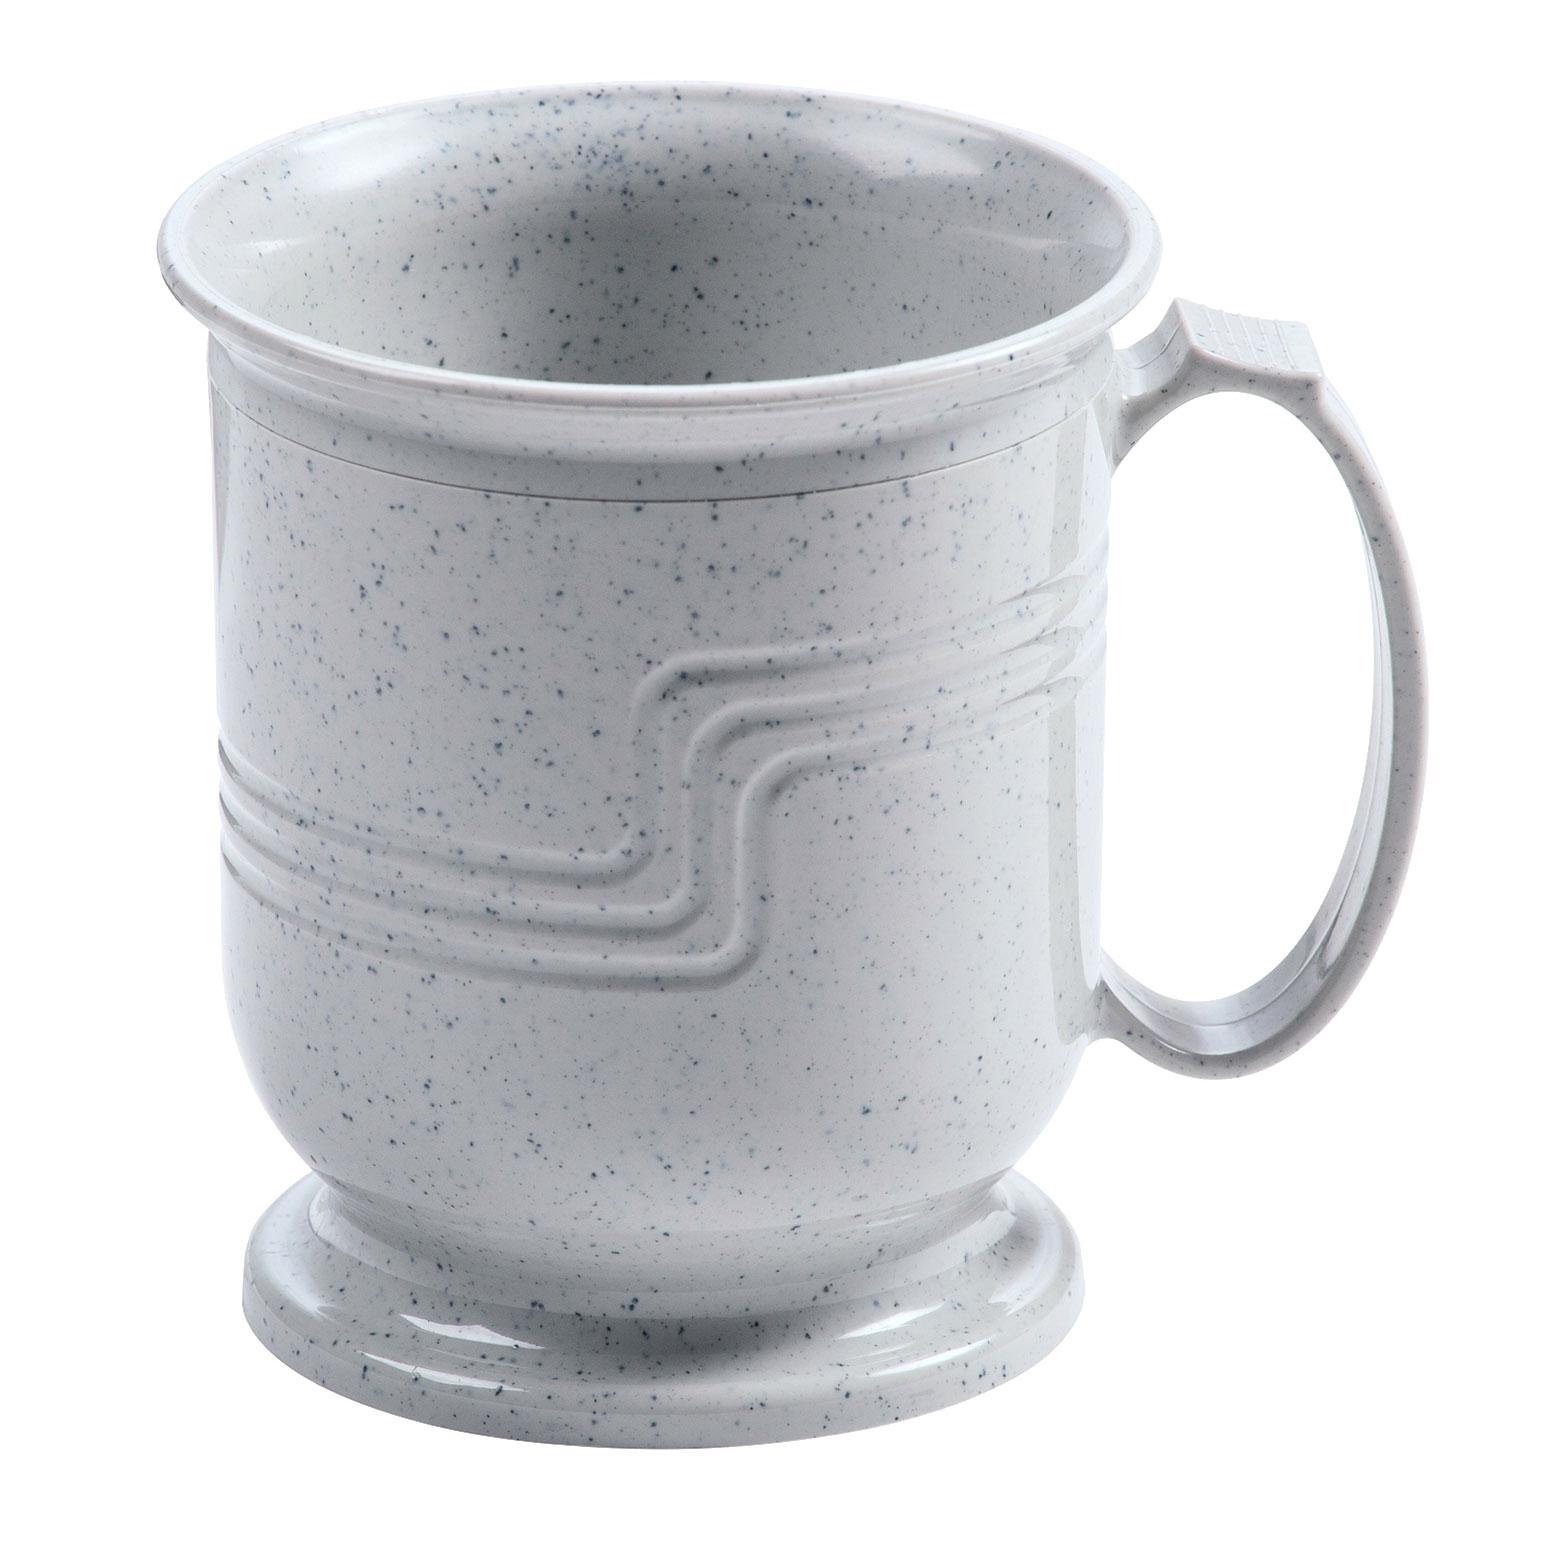 Cambro MDSM8480 mugs/cups (non disposable)